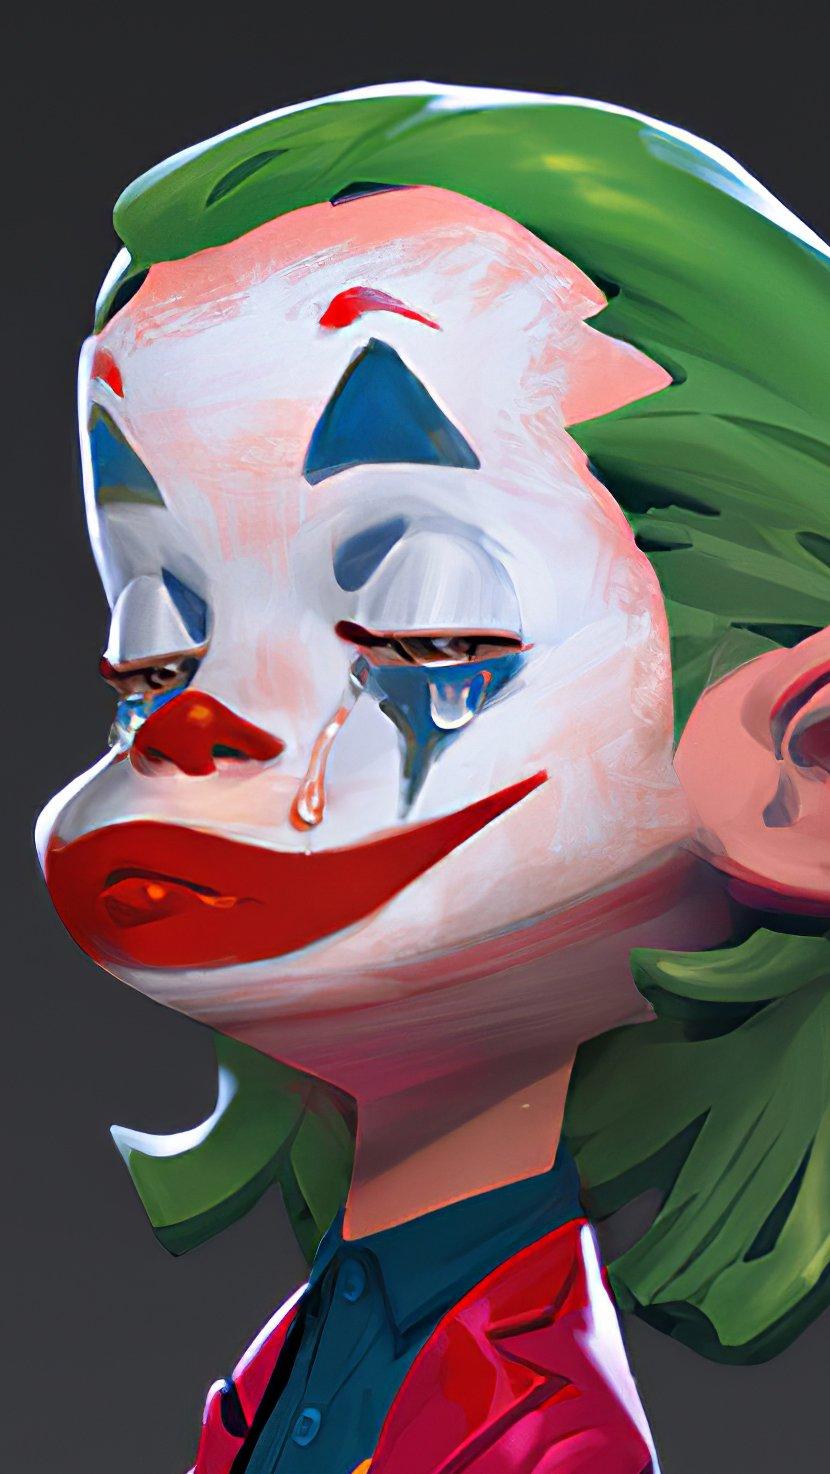 Wallpaper Joker with a rose Vertical